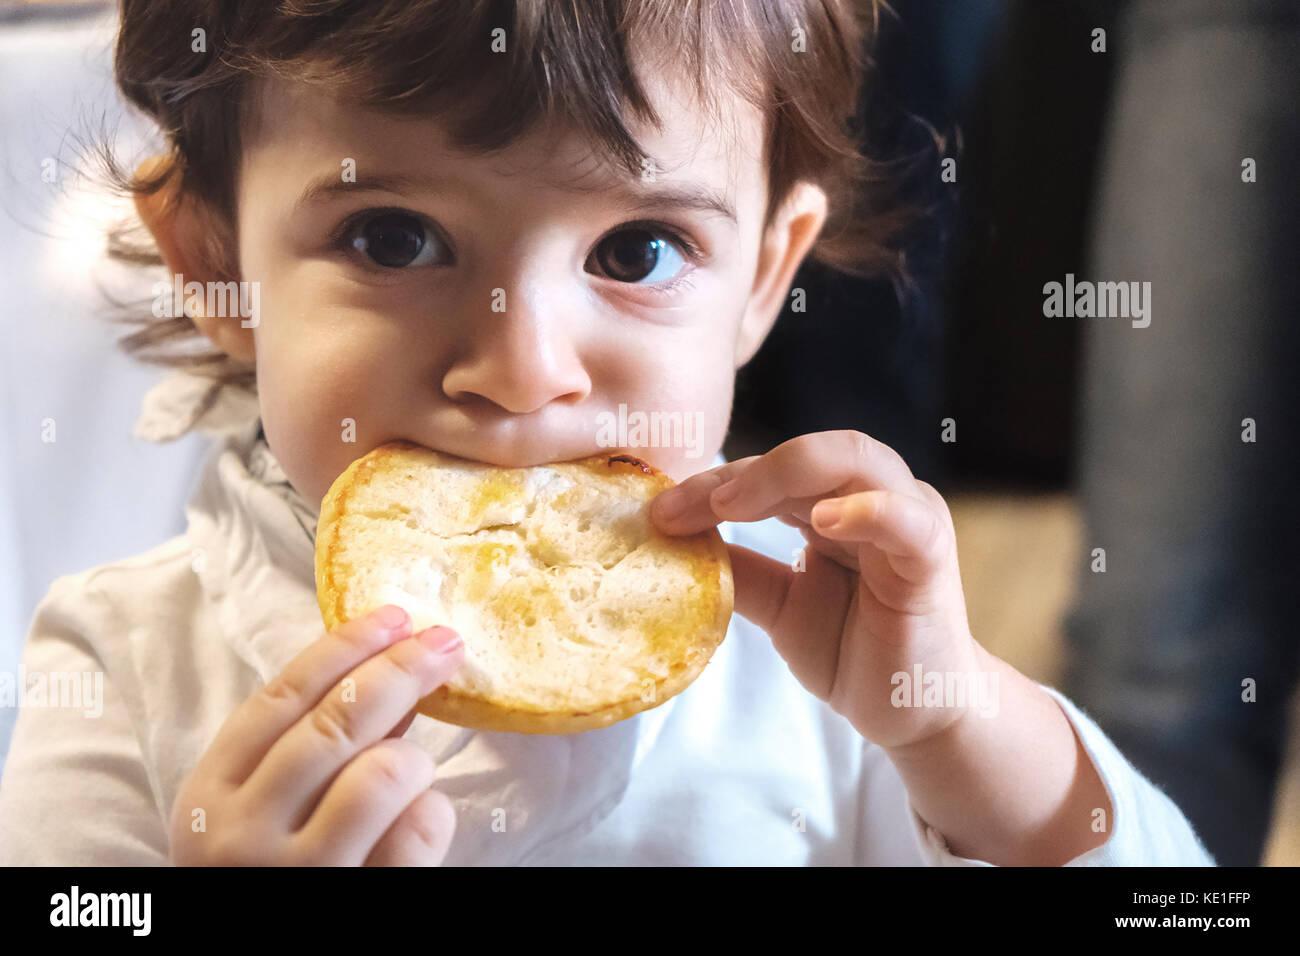 Bébé Enfant manger les glucides - alimentation du nouveau-né face closeup portrait - mauvaise alimentation Photo Stock